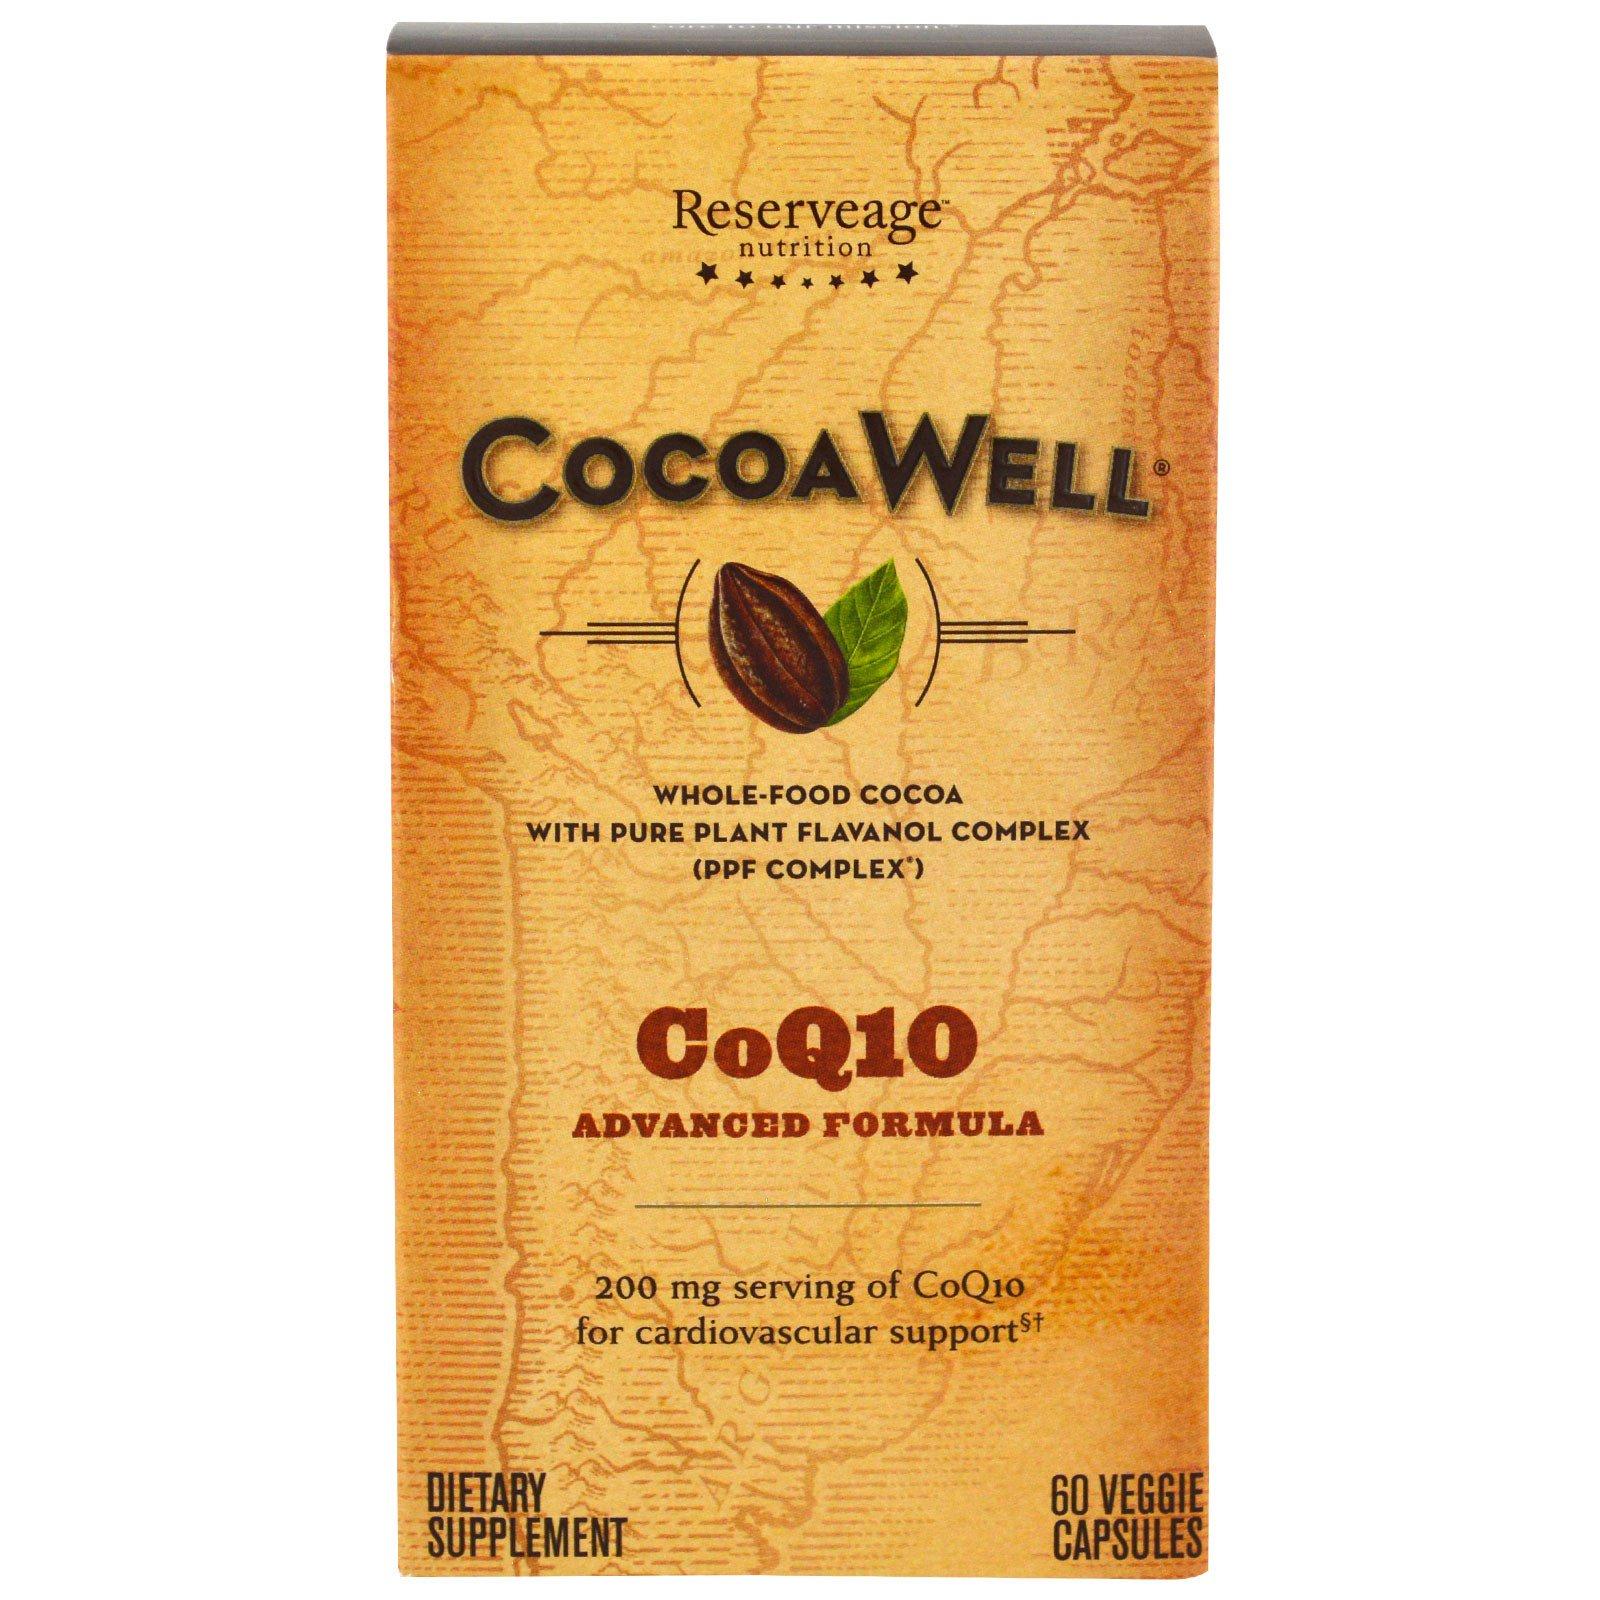 ReserveAge Nutrition, CocoaWell, CoQ10, передовая формула, 60 растительных капсул